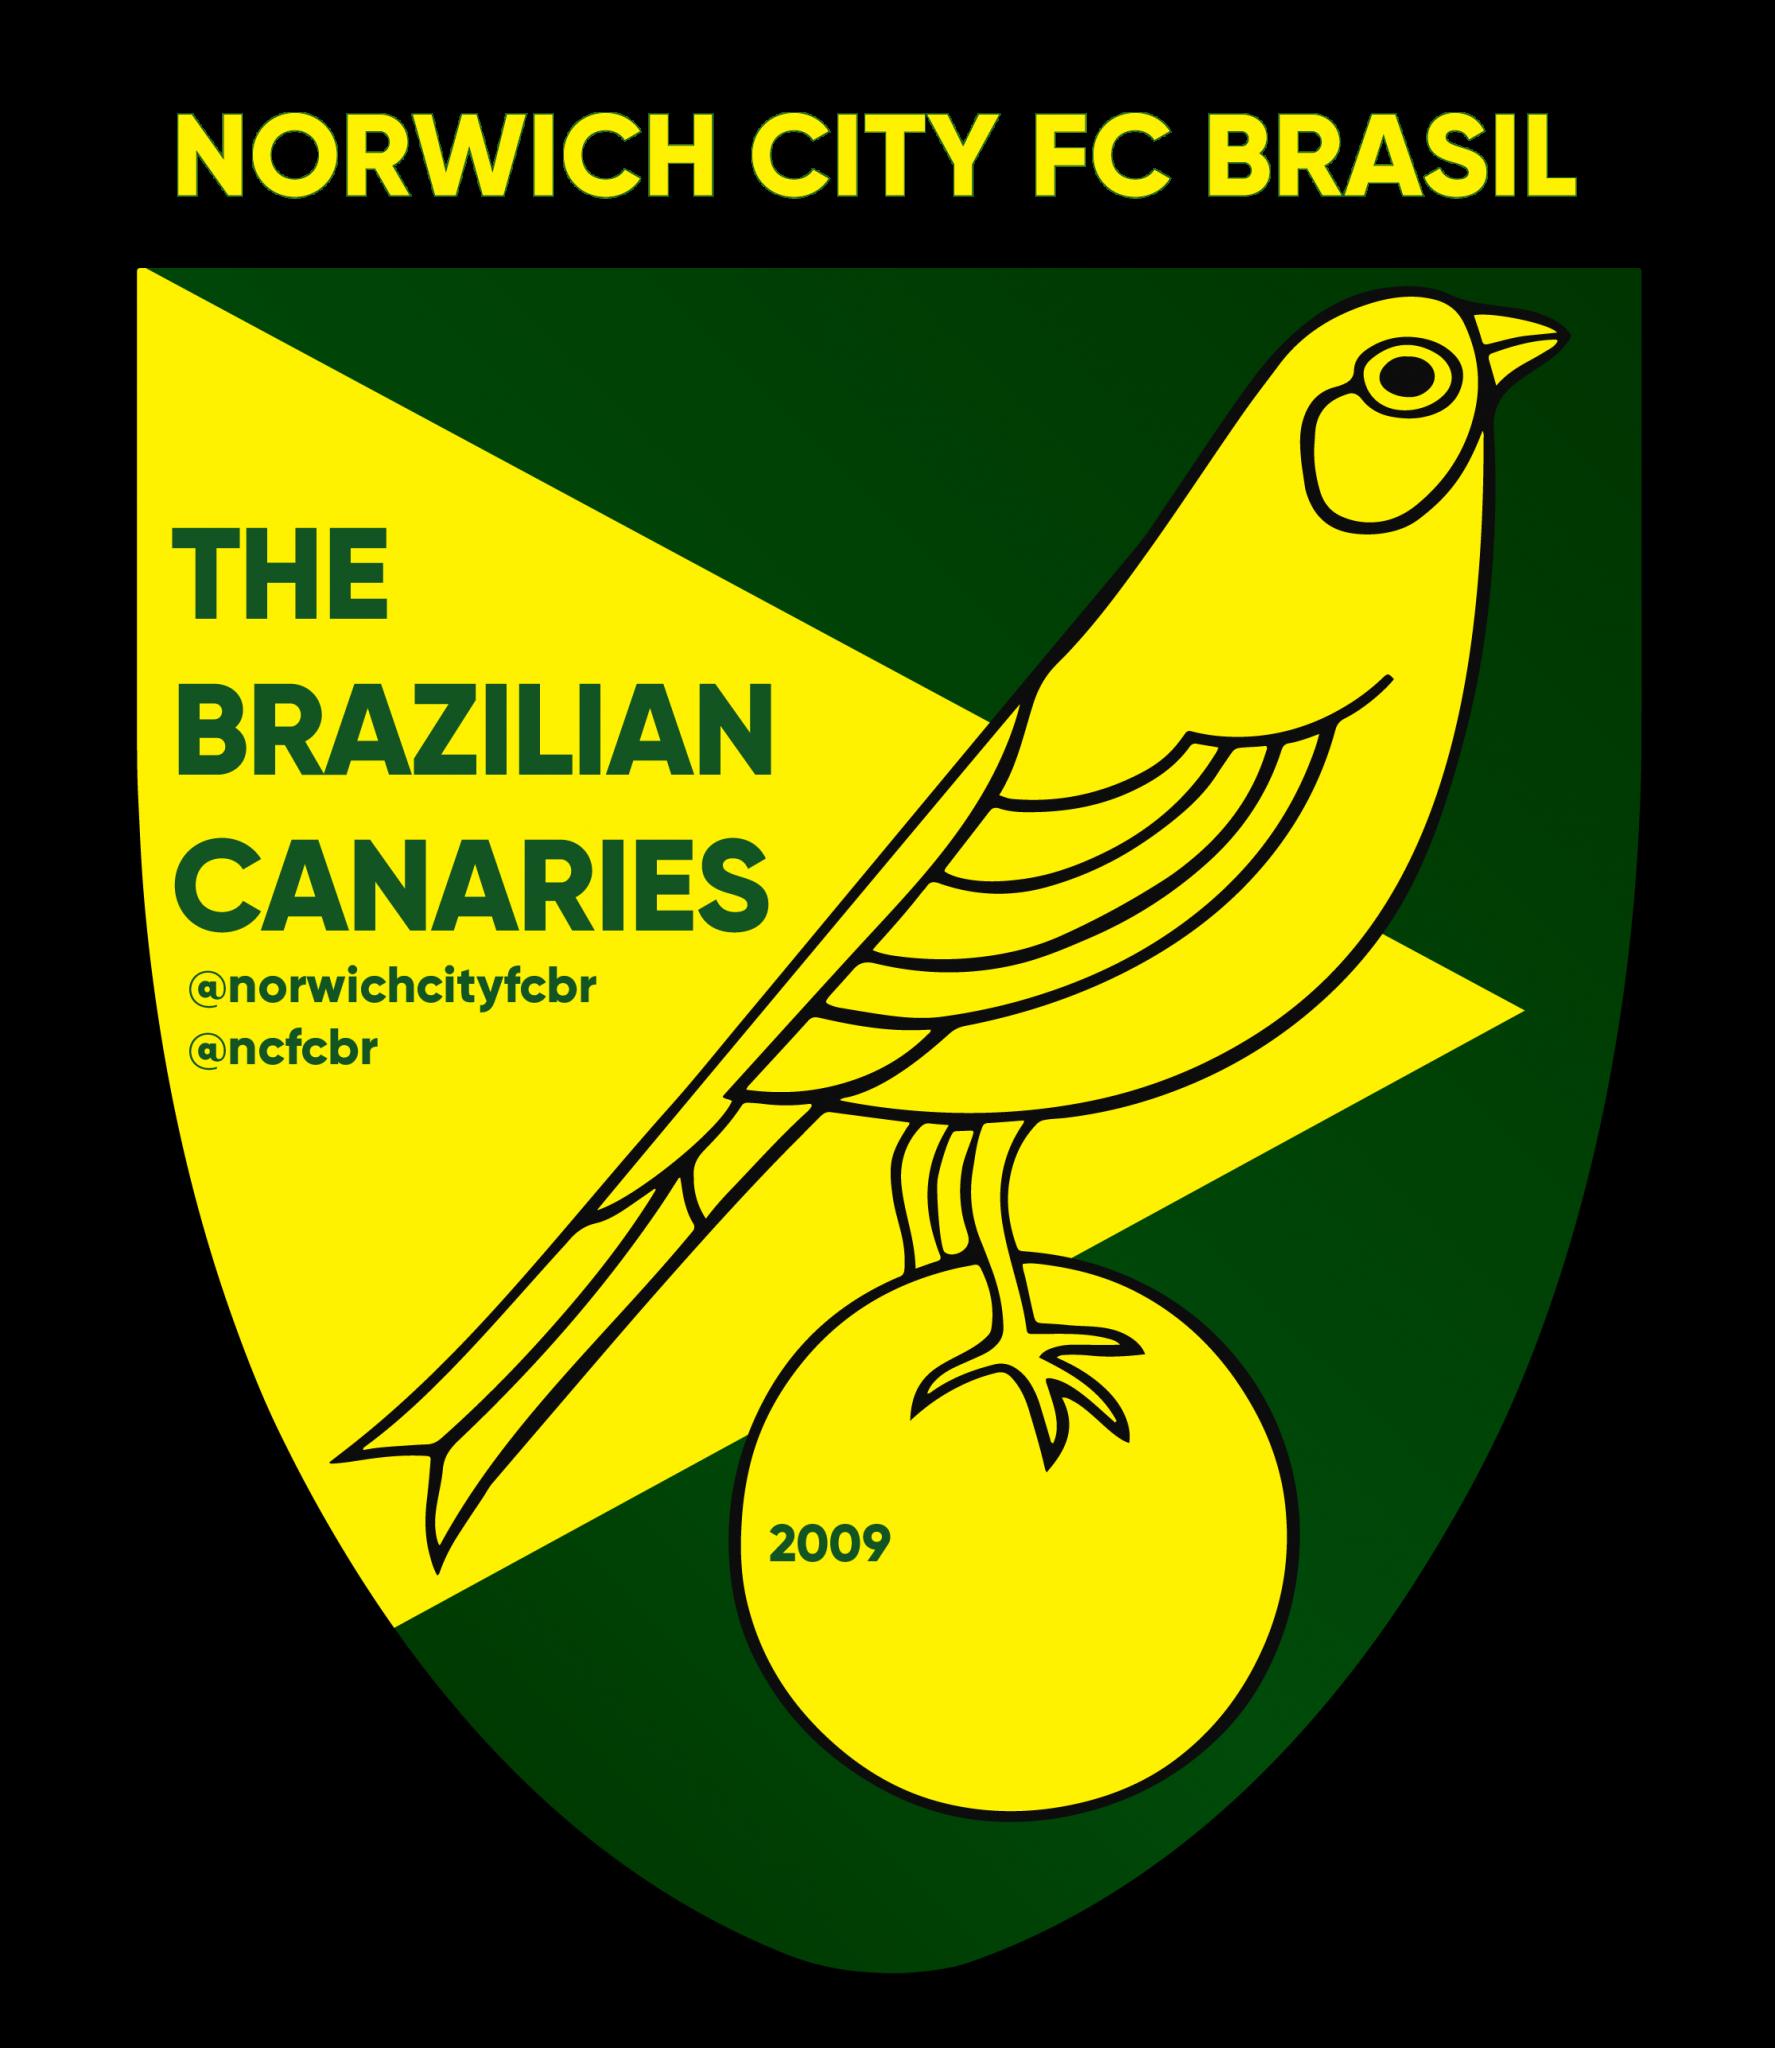 Logo do Norwich City FC: Fundo verde escuro, um losango amarelo com um escudo com um grande canário no centro.